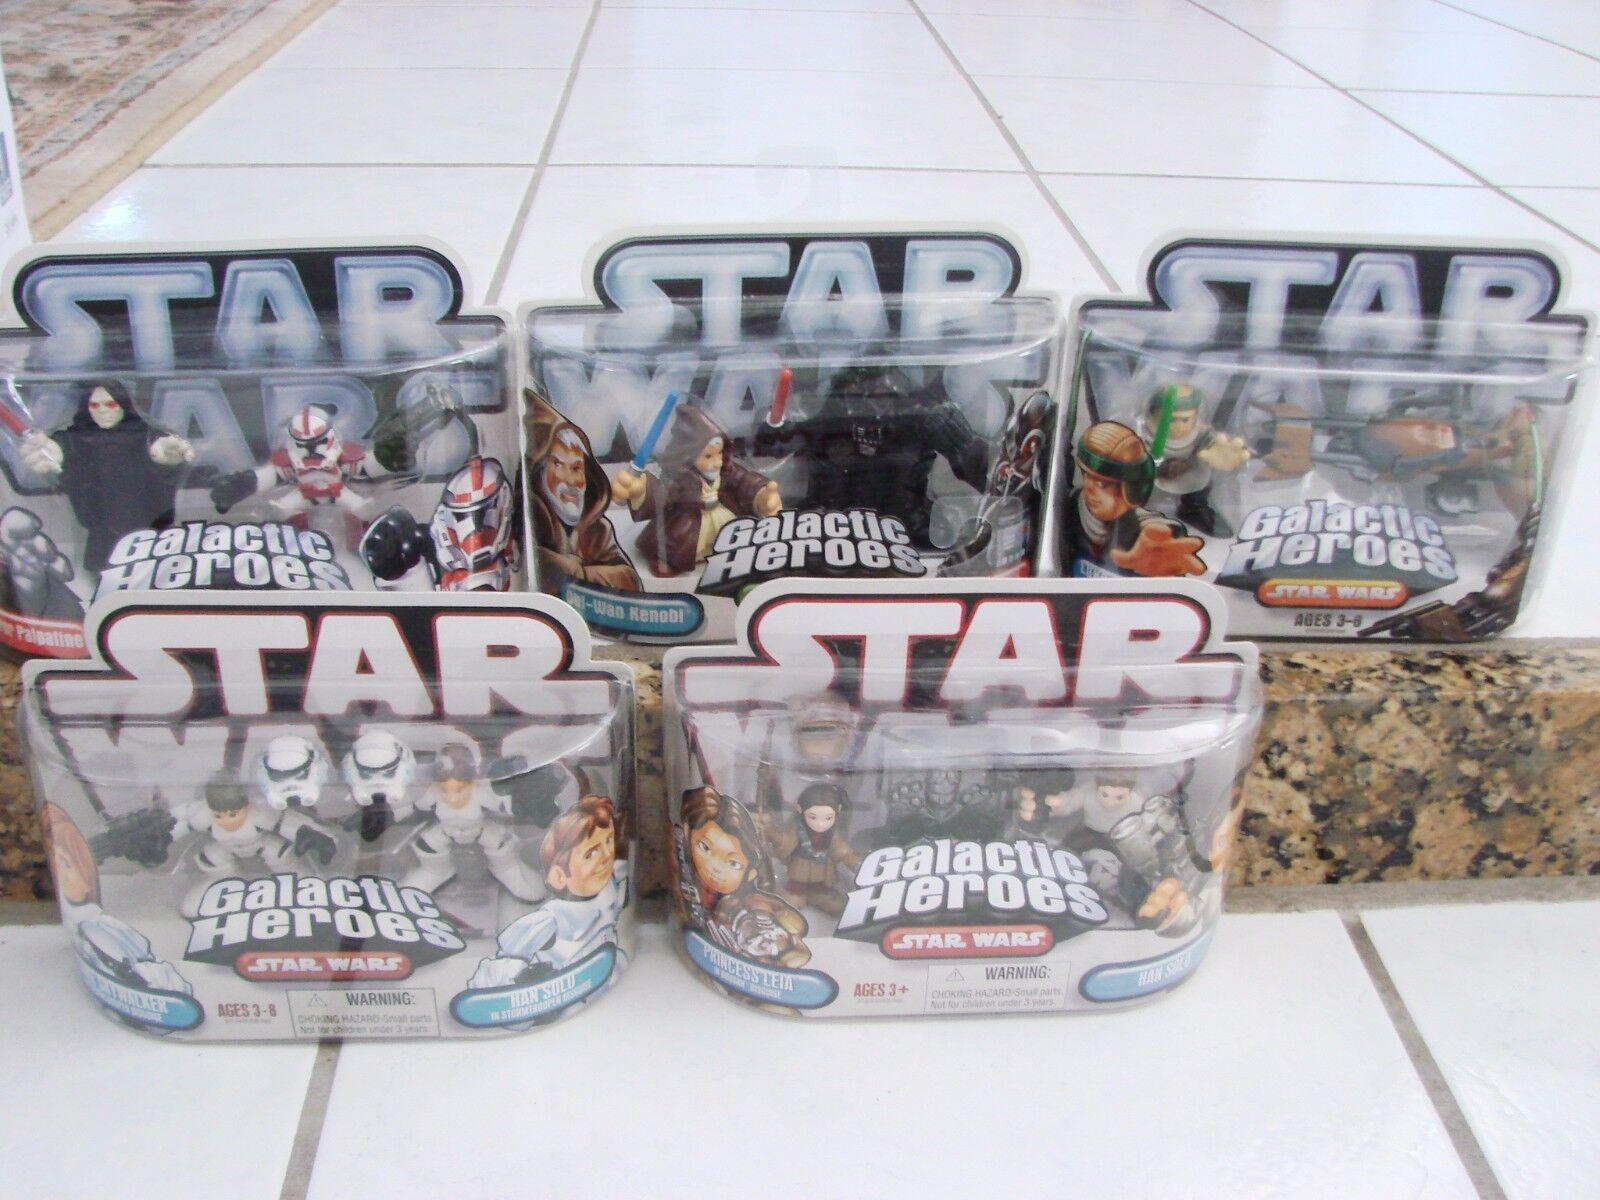 Star Wars Galactic Heroes Lote de 5 paquetes de dos Leia & solo, Vader, Palpatine Hans